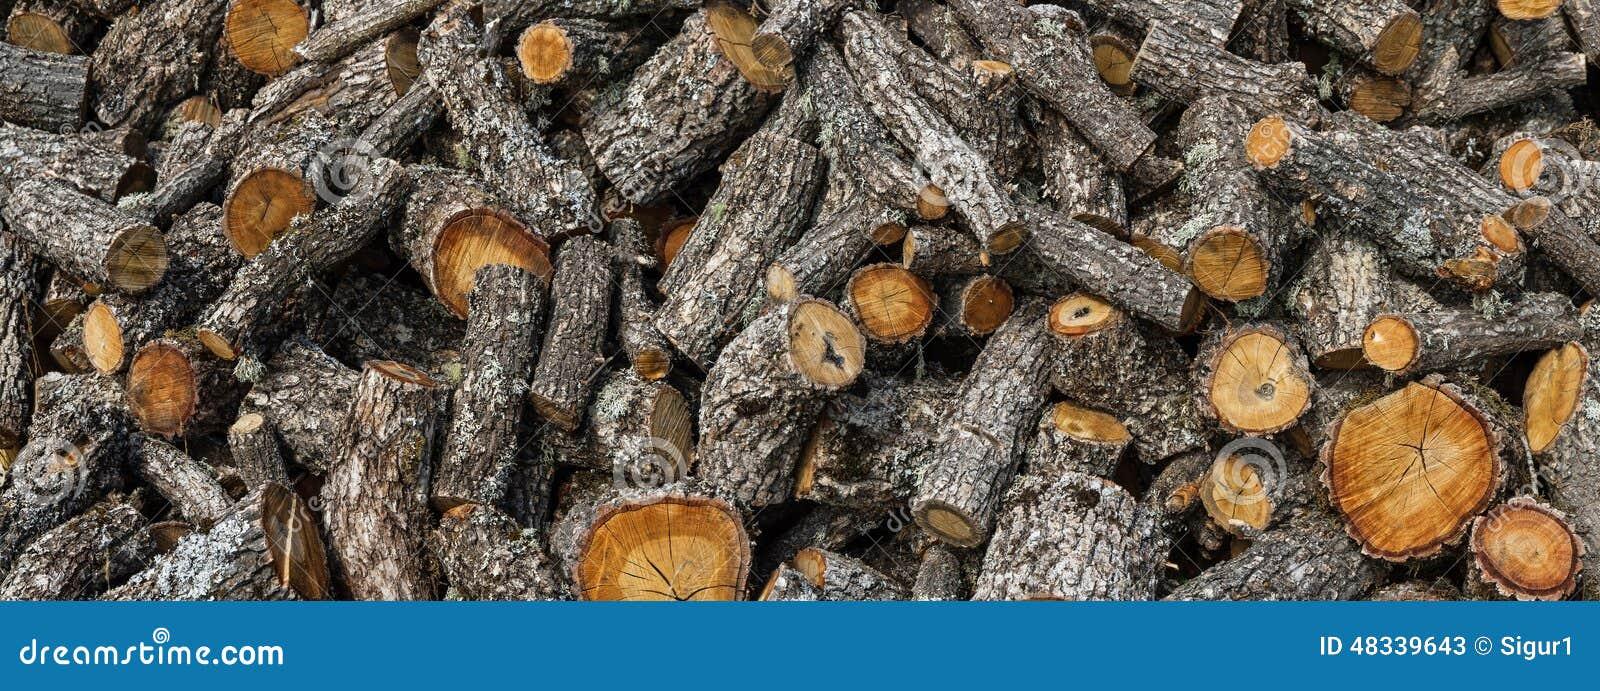 Taglio della legna da ardere della quercia immagine stock for Legna da ardere prezzi